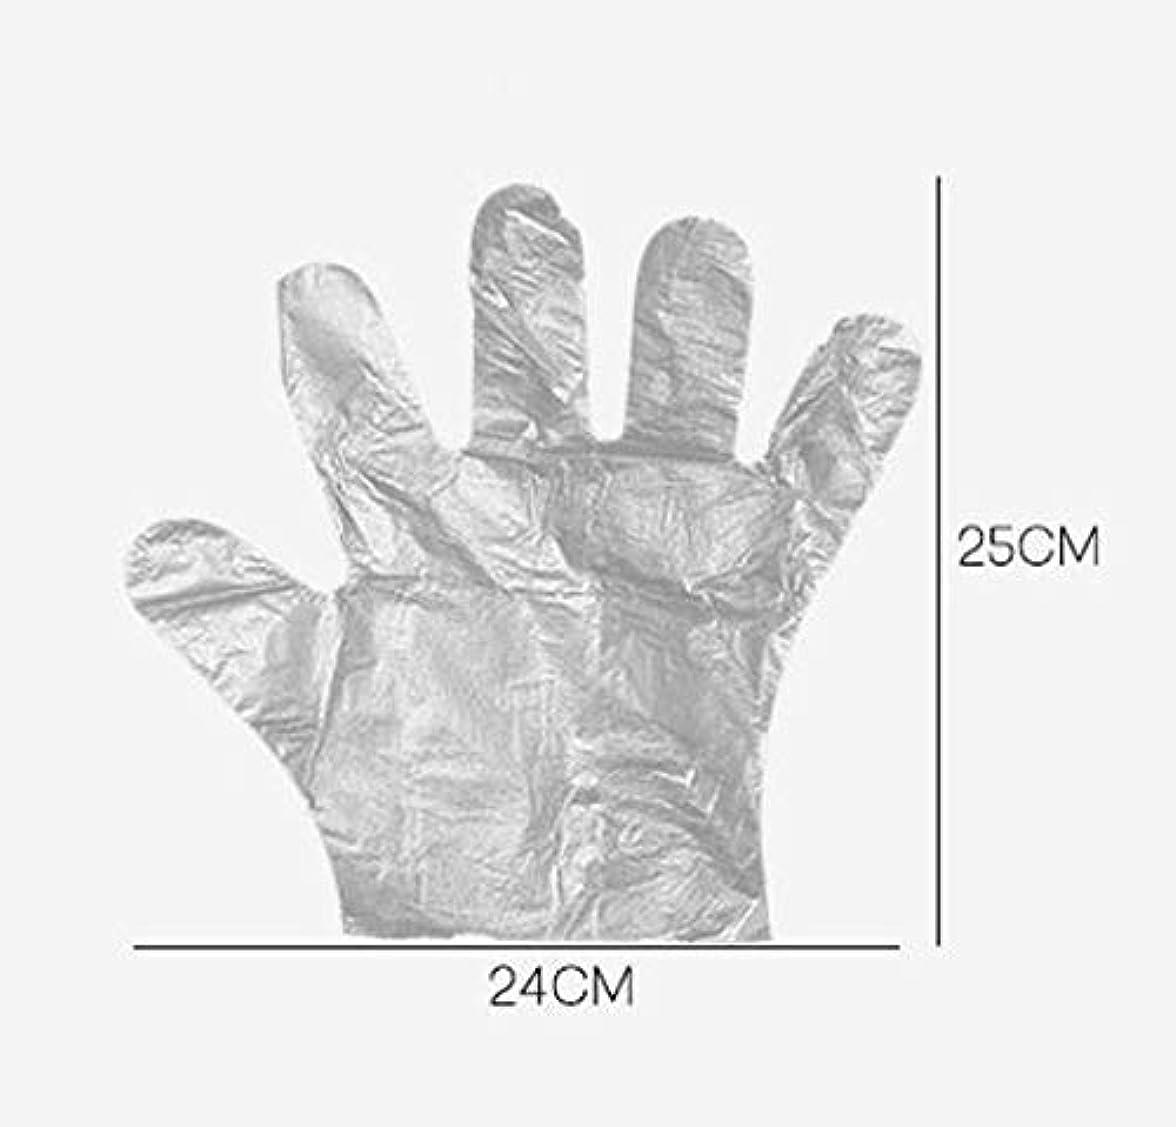 廊下誰でも無駄HJ ポリ手袋 使い捨て手袋 ポリエチレン使い切り手袋 極薄い 使い切り手袋 透明手袋 耐油 防水 介護 トイレ掃除 左右兼用 手荒れを防ぎ 素手 薄いタイプ (1000ペアセット)